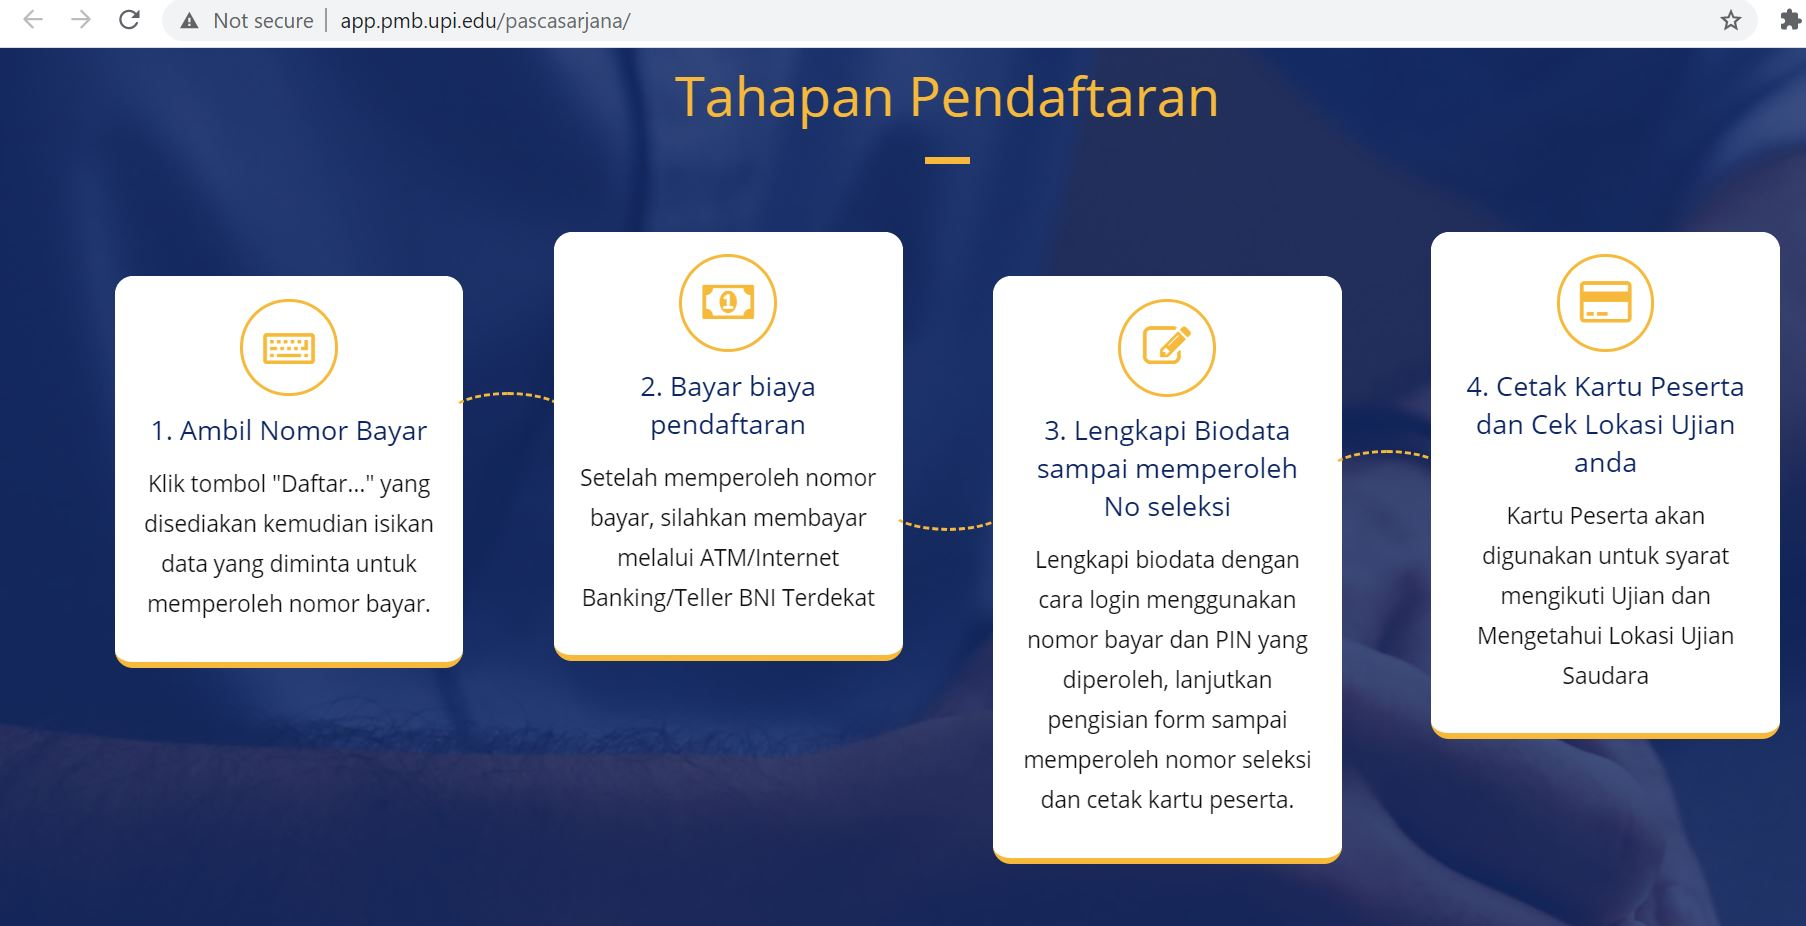 Pendaftaran dan Seleksi Pascasarjana UPI